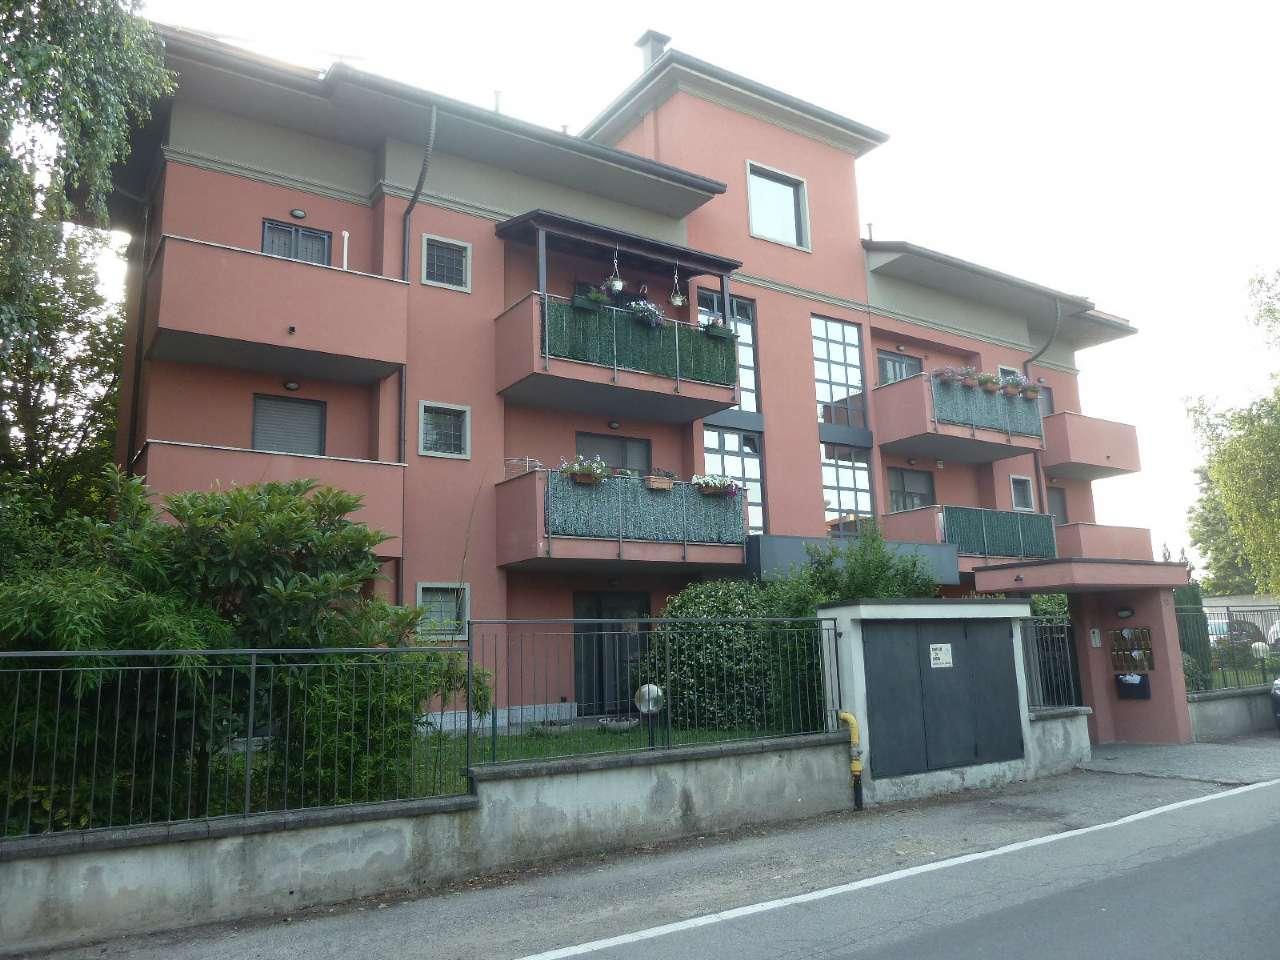 Appartamento in vendita a Gerenzano, 3 locali, prezzo € 177.000 | Cambio Casa.it